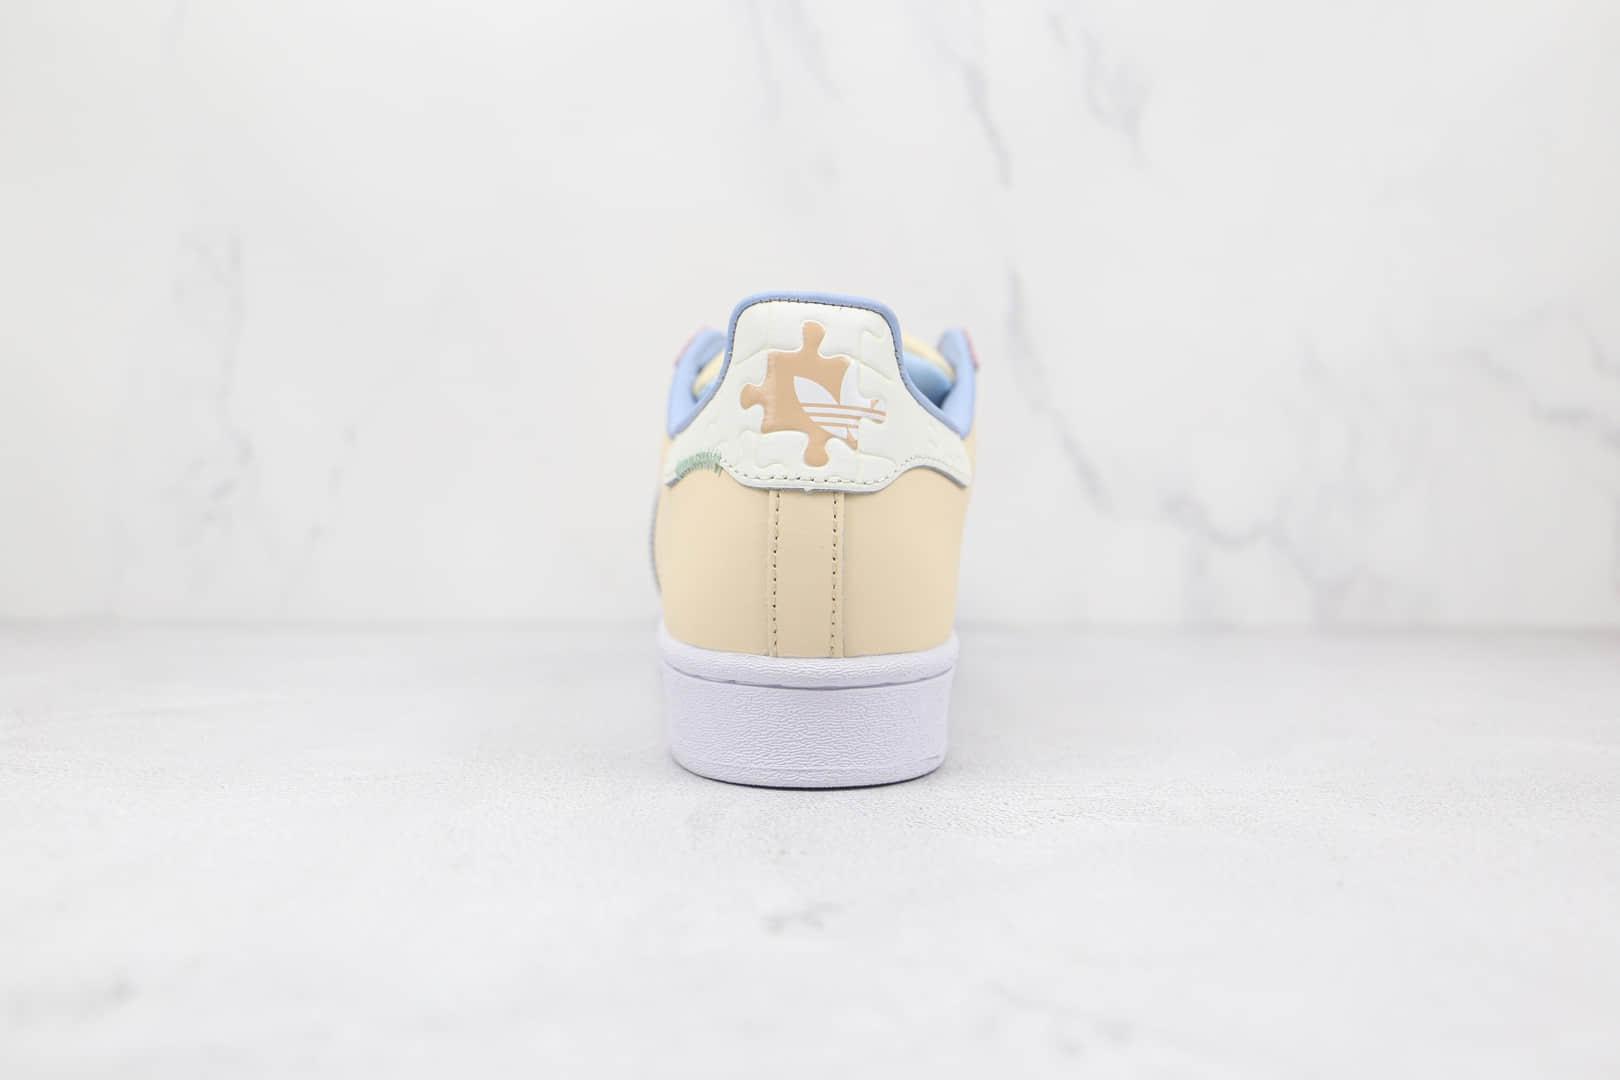 阿迪达斯Adidas Originals Superstars White Red Laceless纯原版本三叶草贝壳头米黄橙蓝色板鞋原楦头纸板打造 货号:GZ3414